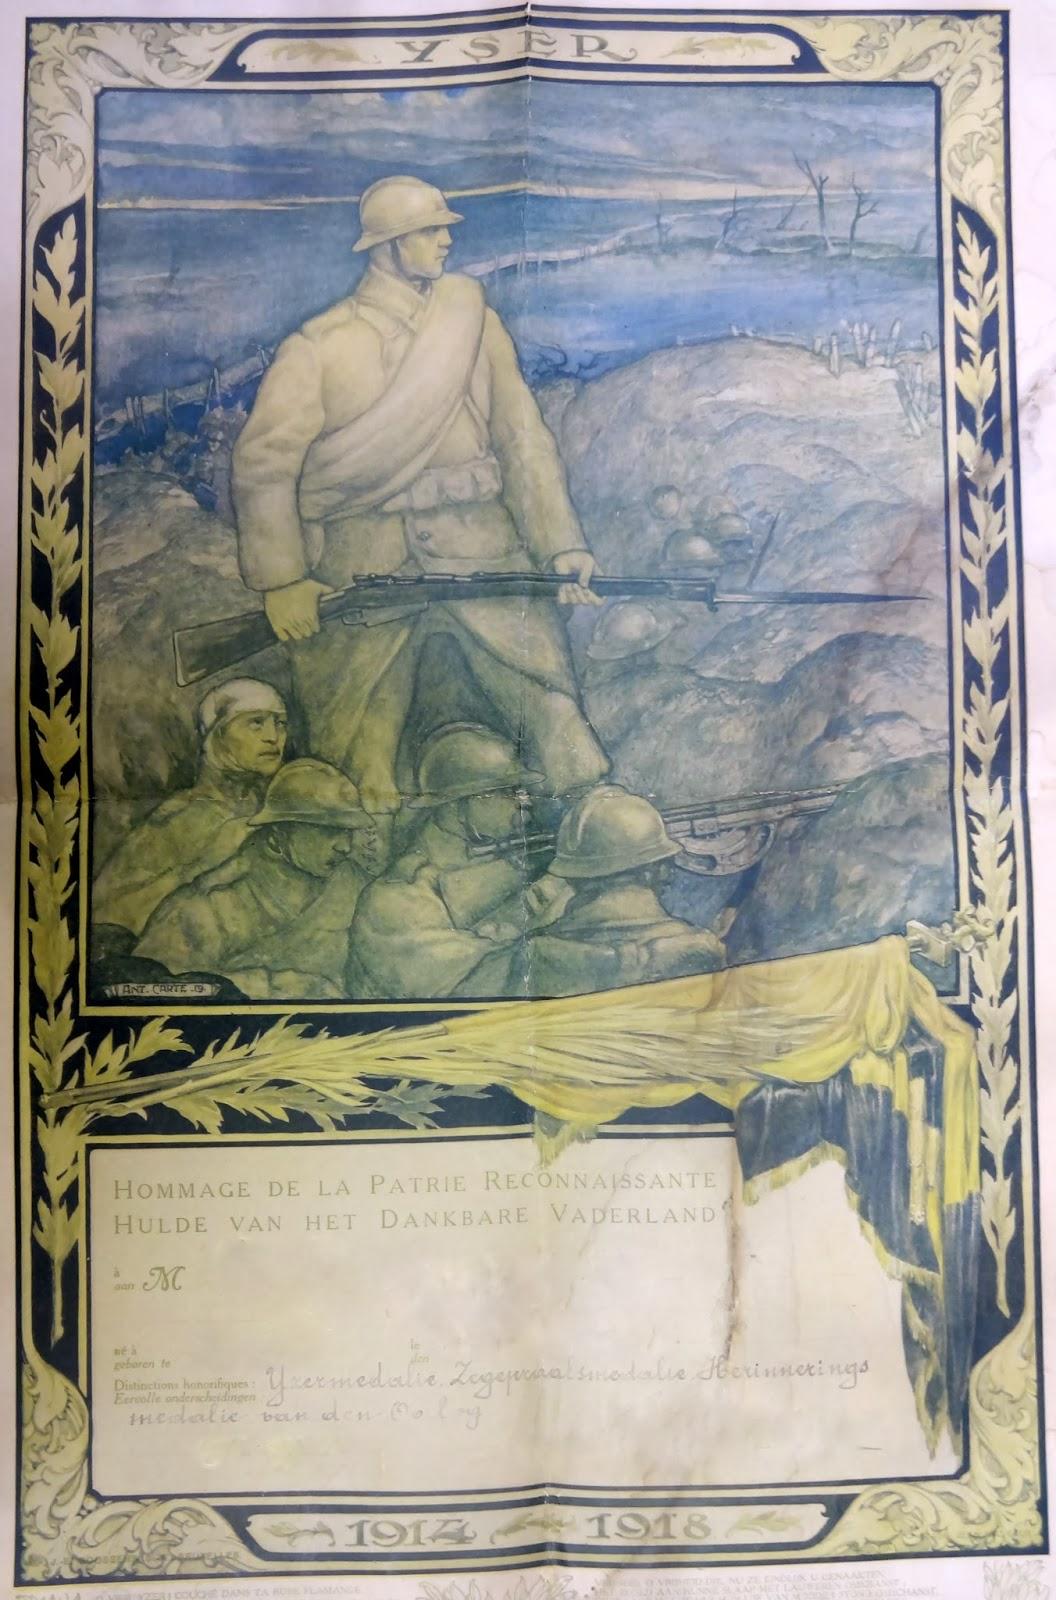 Brevet waarop de IJzermedaille, Zegepraal-en Herinneringsmedaille van de Oorlog 1914-1918 op vermeld staan. Legerarchief Evere.